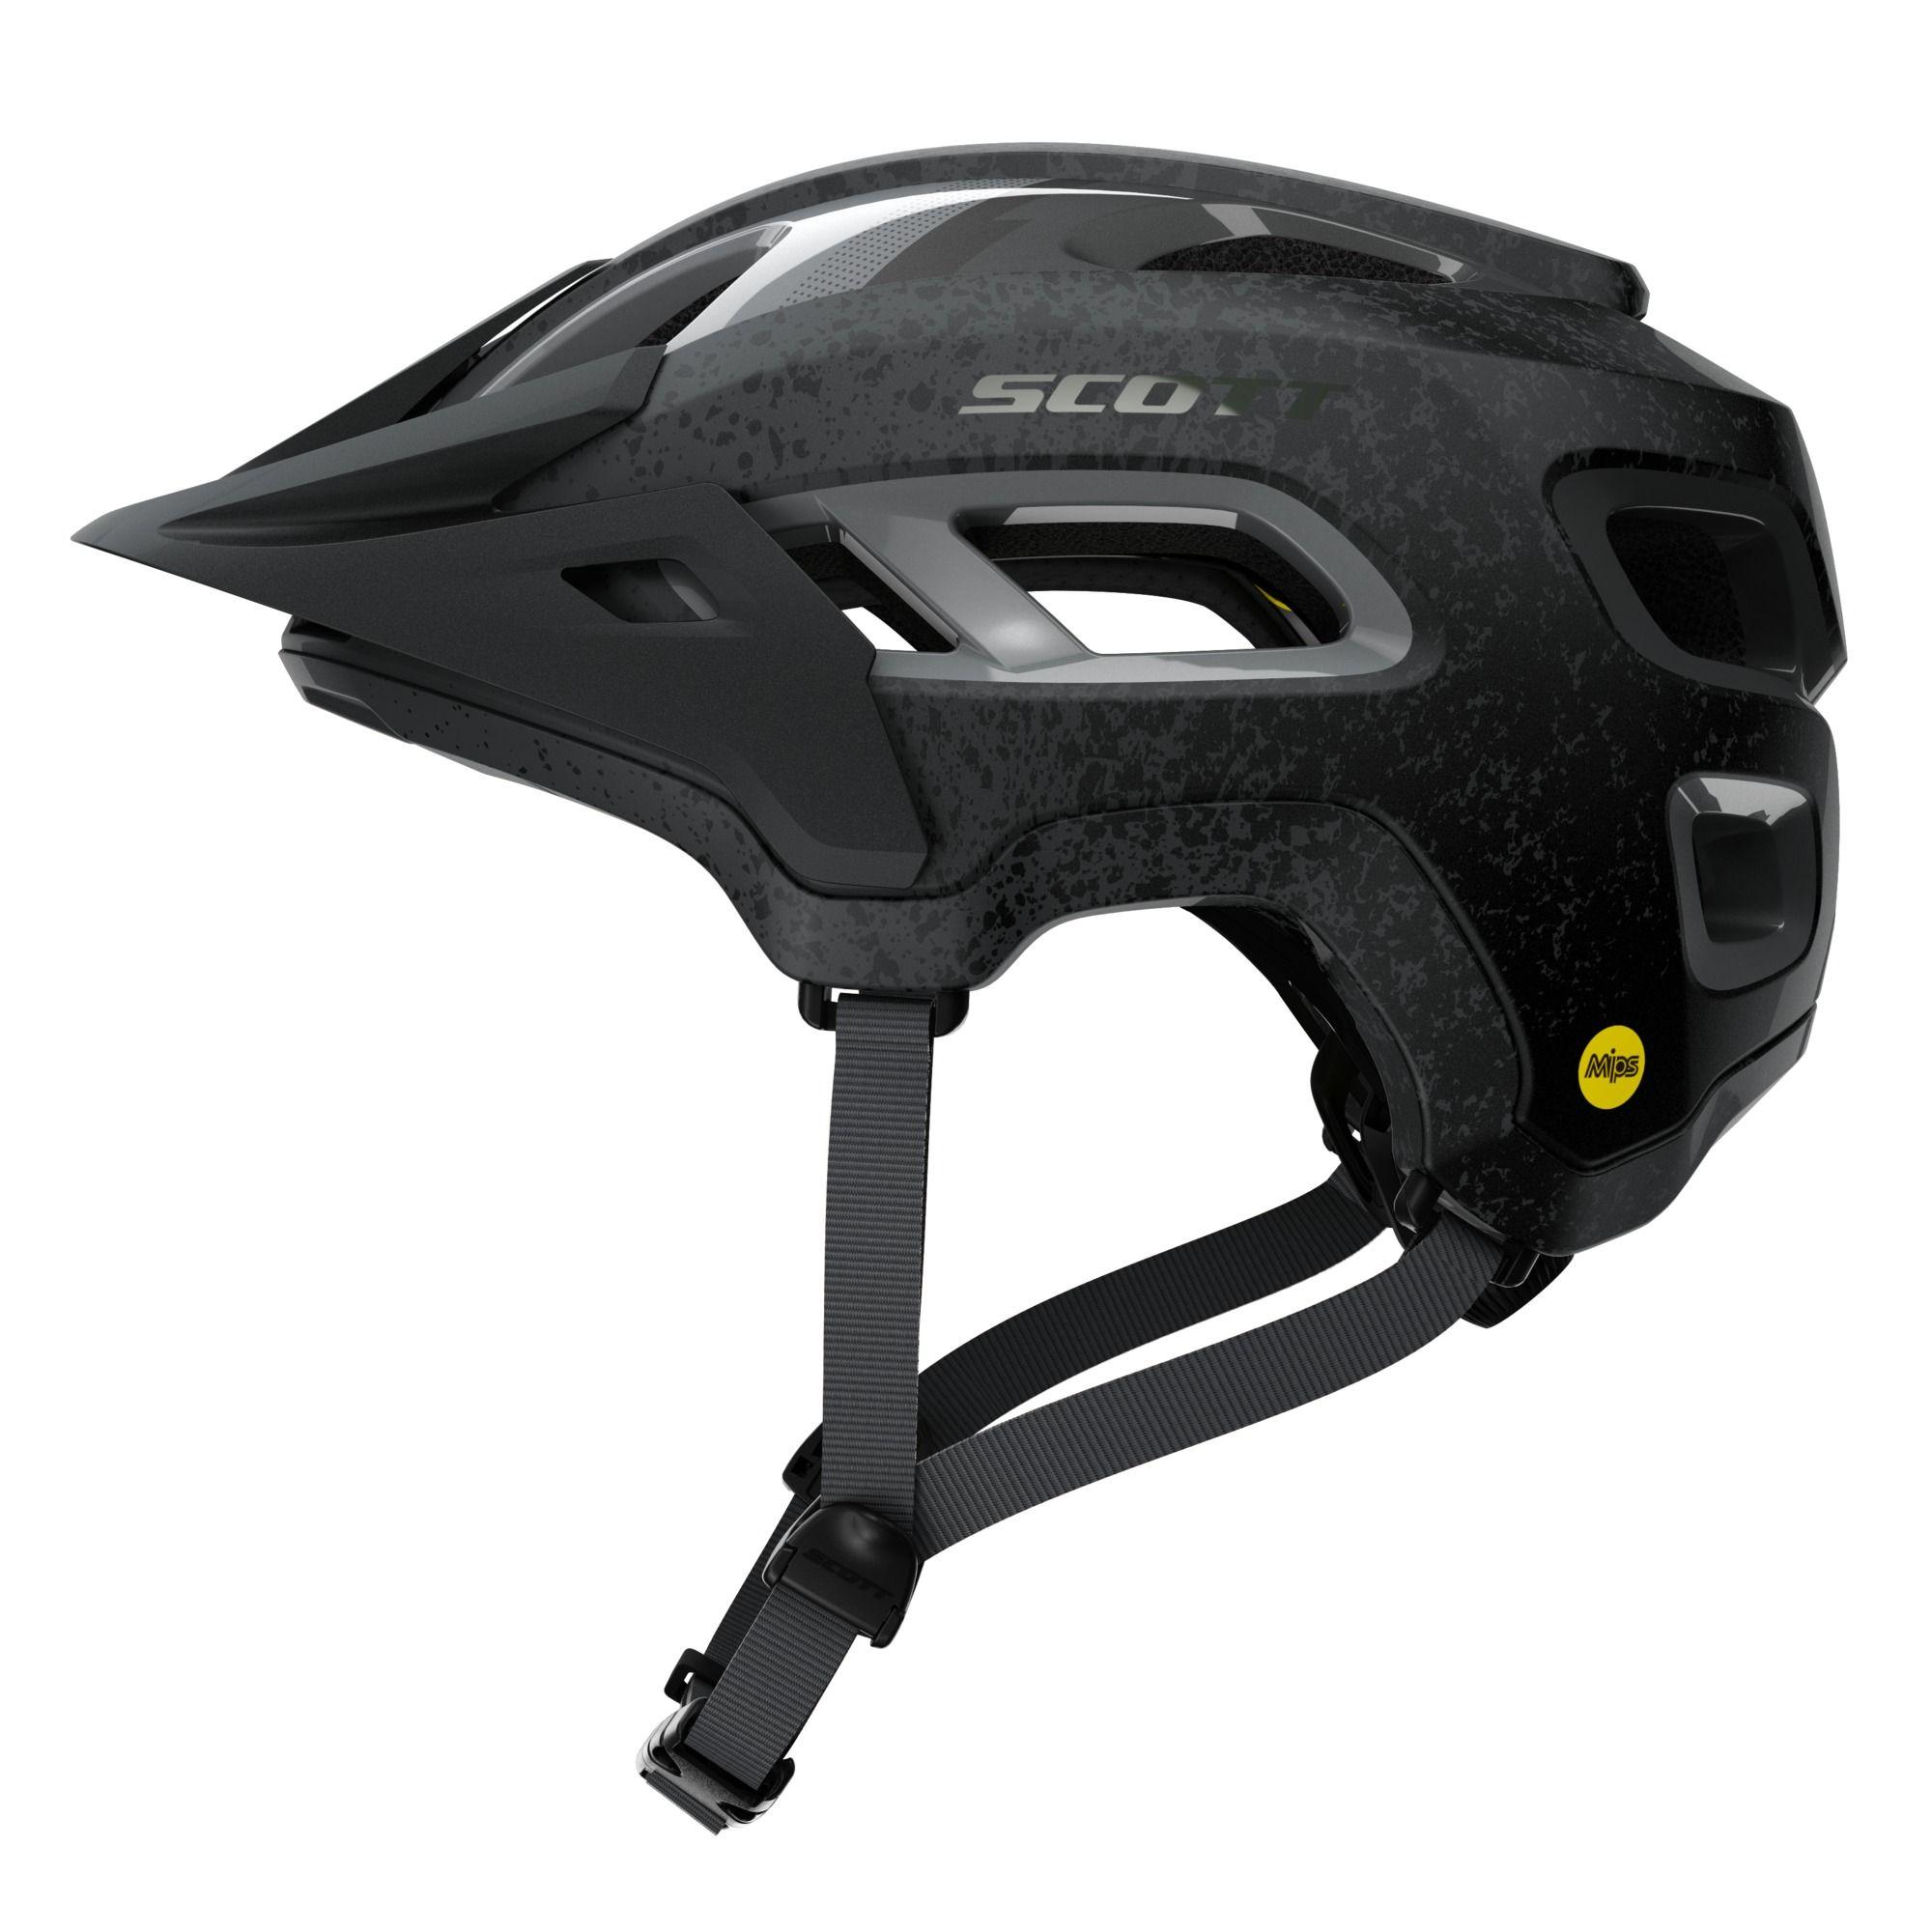 CASQUE SCOTT Stego (CE) in 2020 Bicycle helmet, Helmet